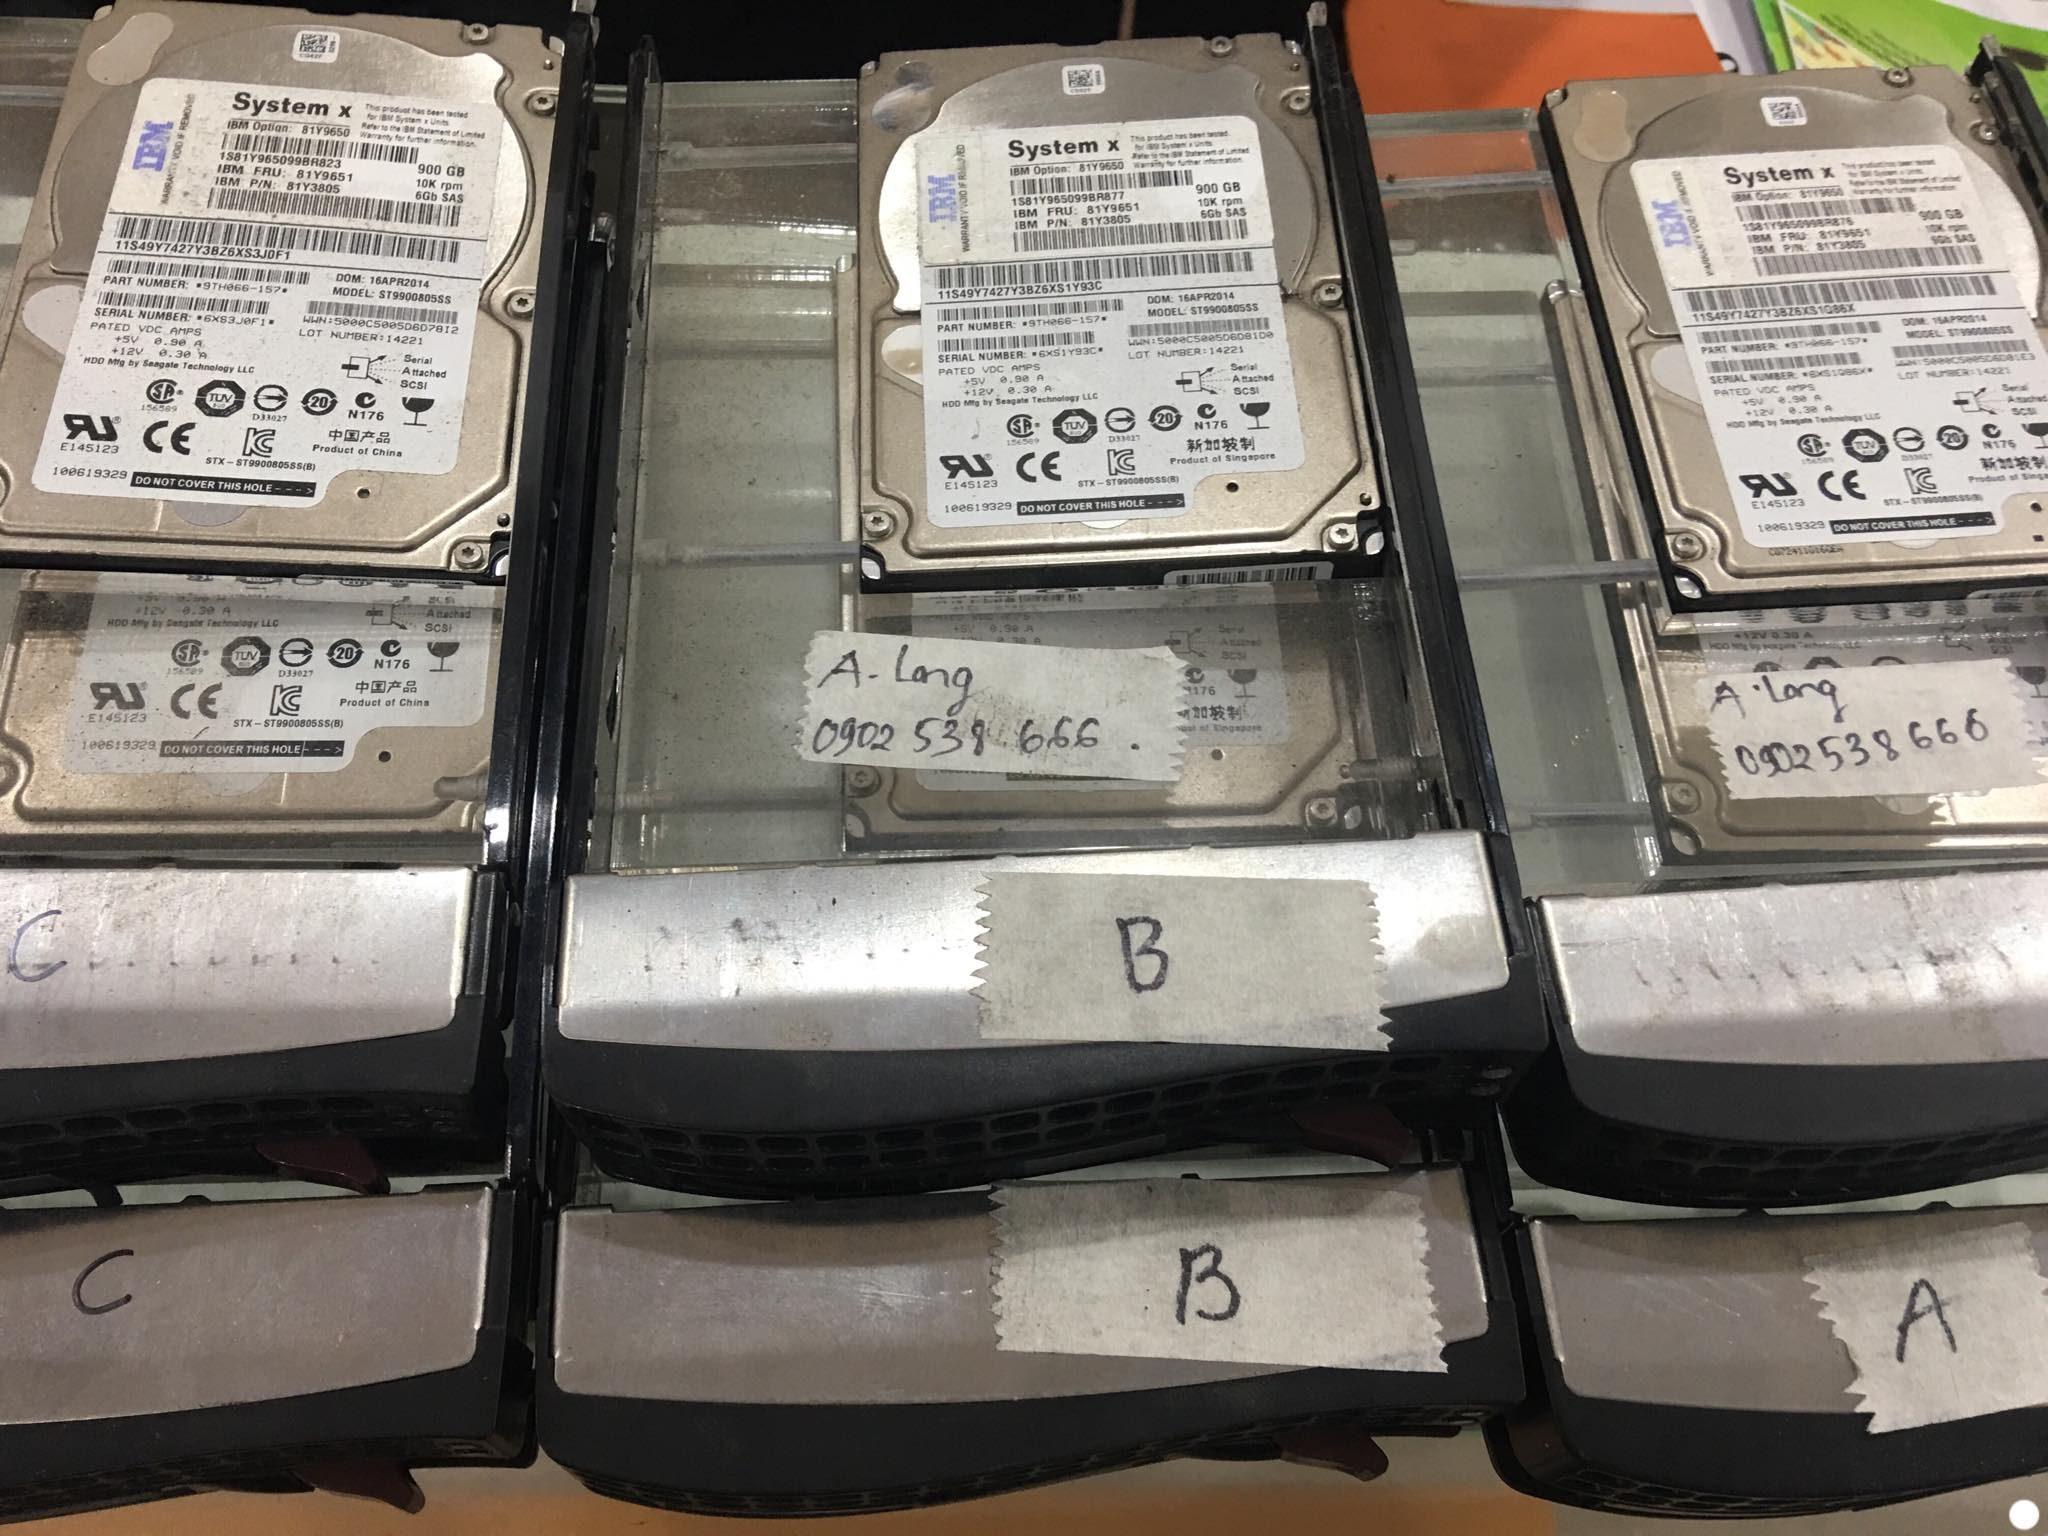 Cứu dữ liệu máy chủ SystemX với 6HDDx900GB mất cấu hình RAID 14/01/2020 - cuumaytinh